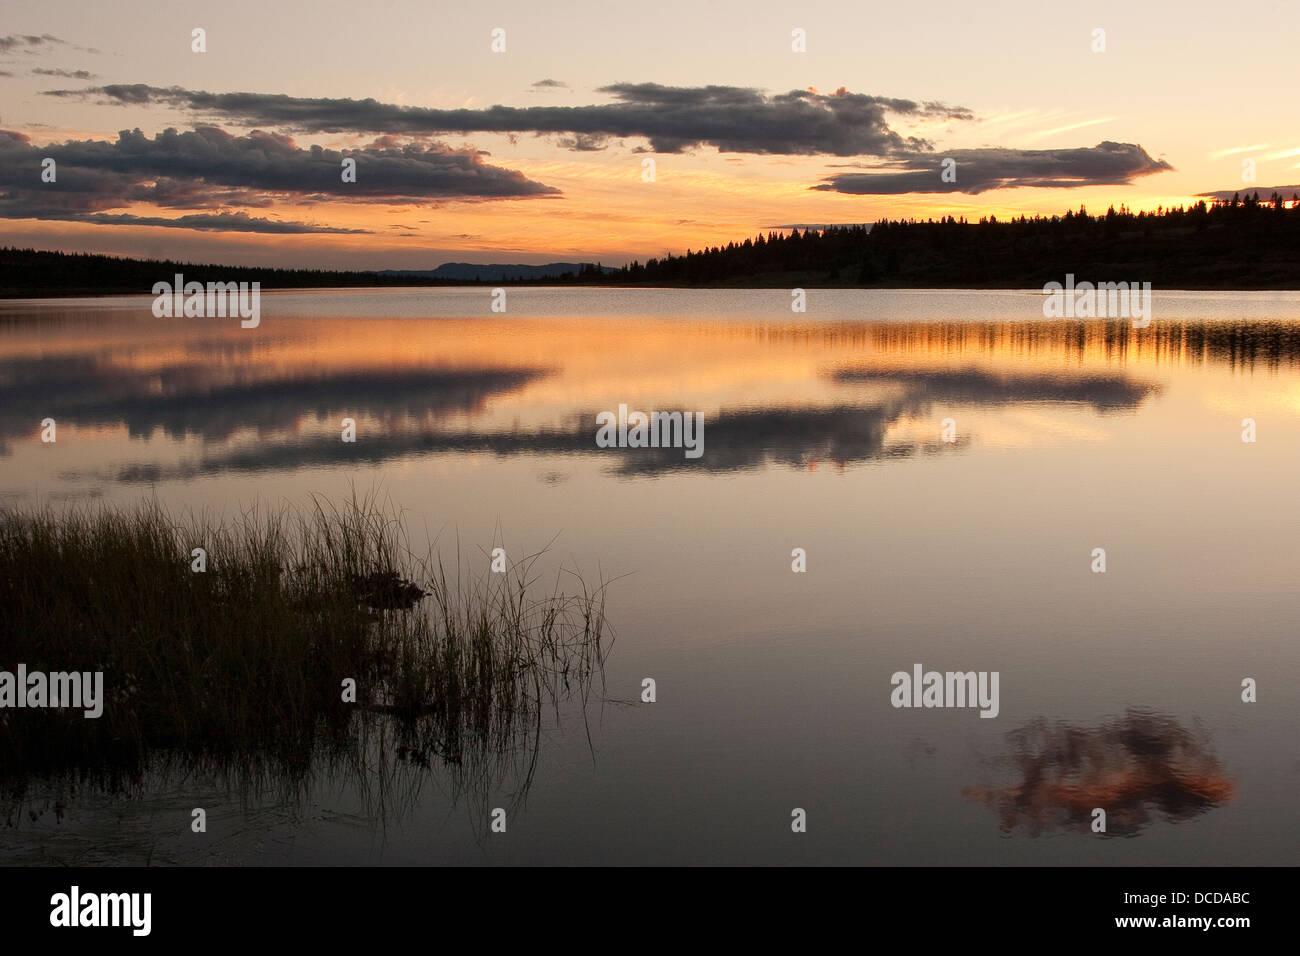 Abendstimmung une einem voir dans Skandinavien, Norwegen, Sonnenuntergang, soirée ambiance dans un lac en Scandinavie, la Norvège, le coucher du soleil Banque D'Images